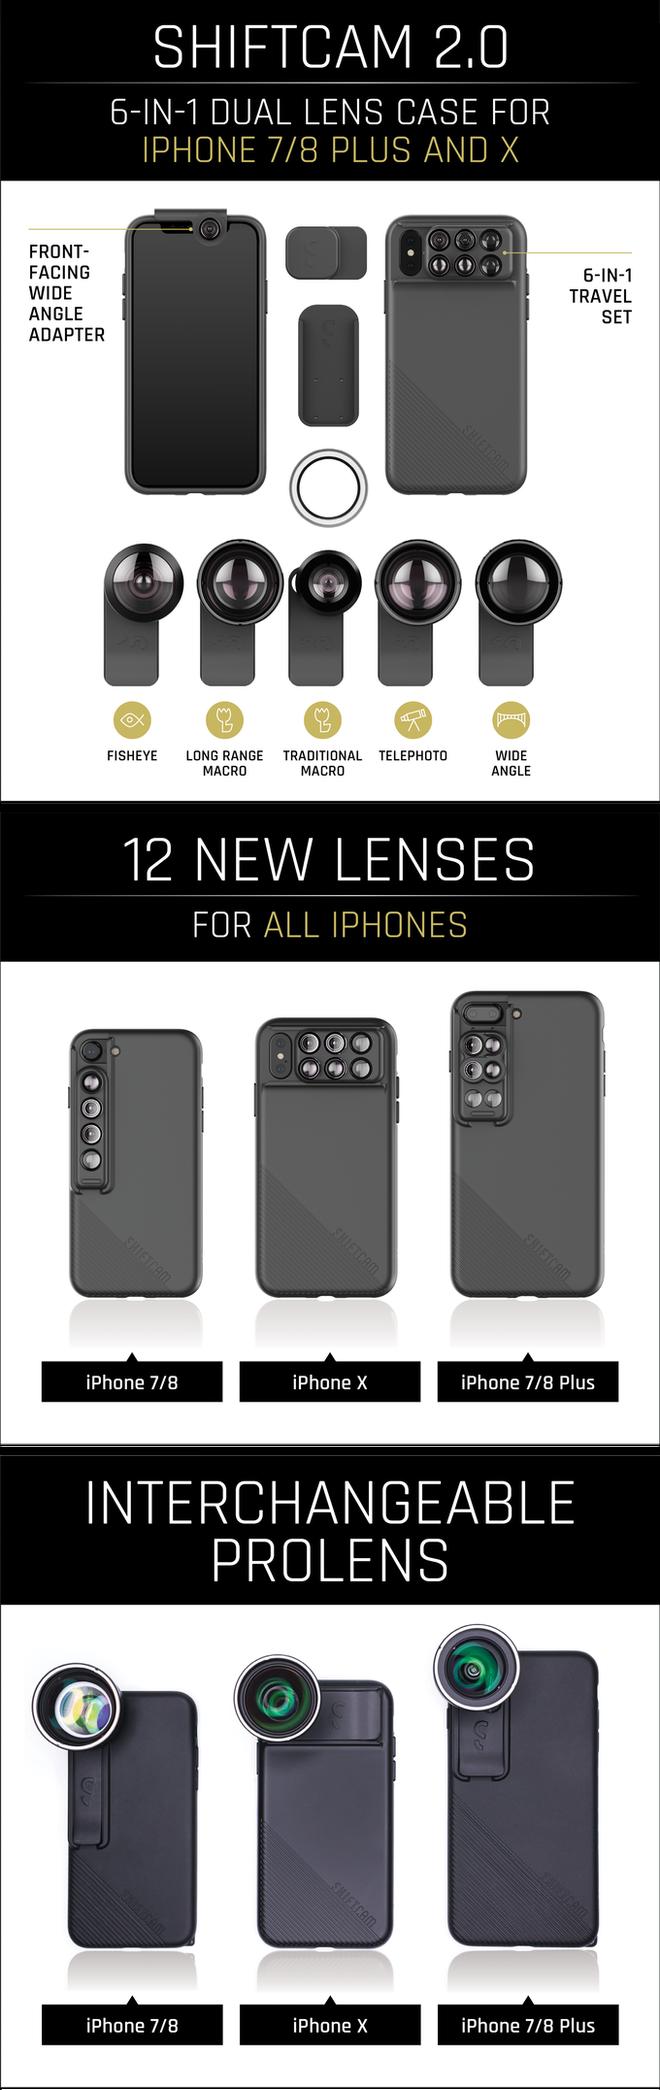 Tất cả các loại ống kính trong bộ Pro Lens được thiết kế riêng cho iPhone 7/8 Plus và iPhone X cho người dùng rất nhiều lựa chọn